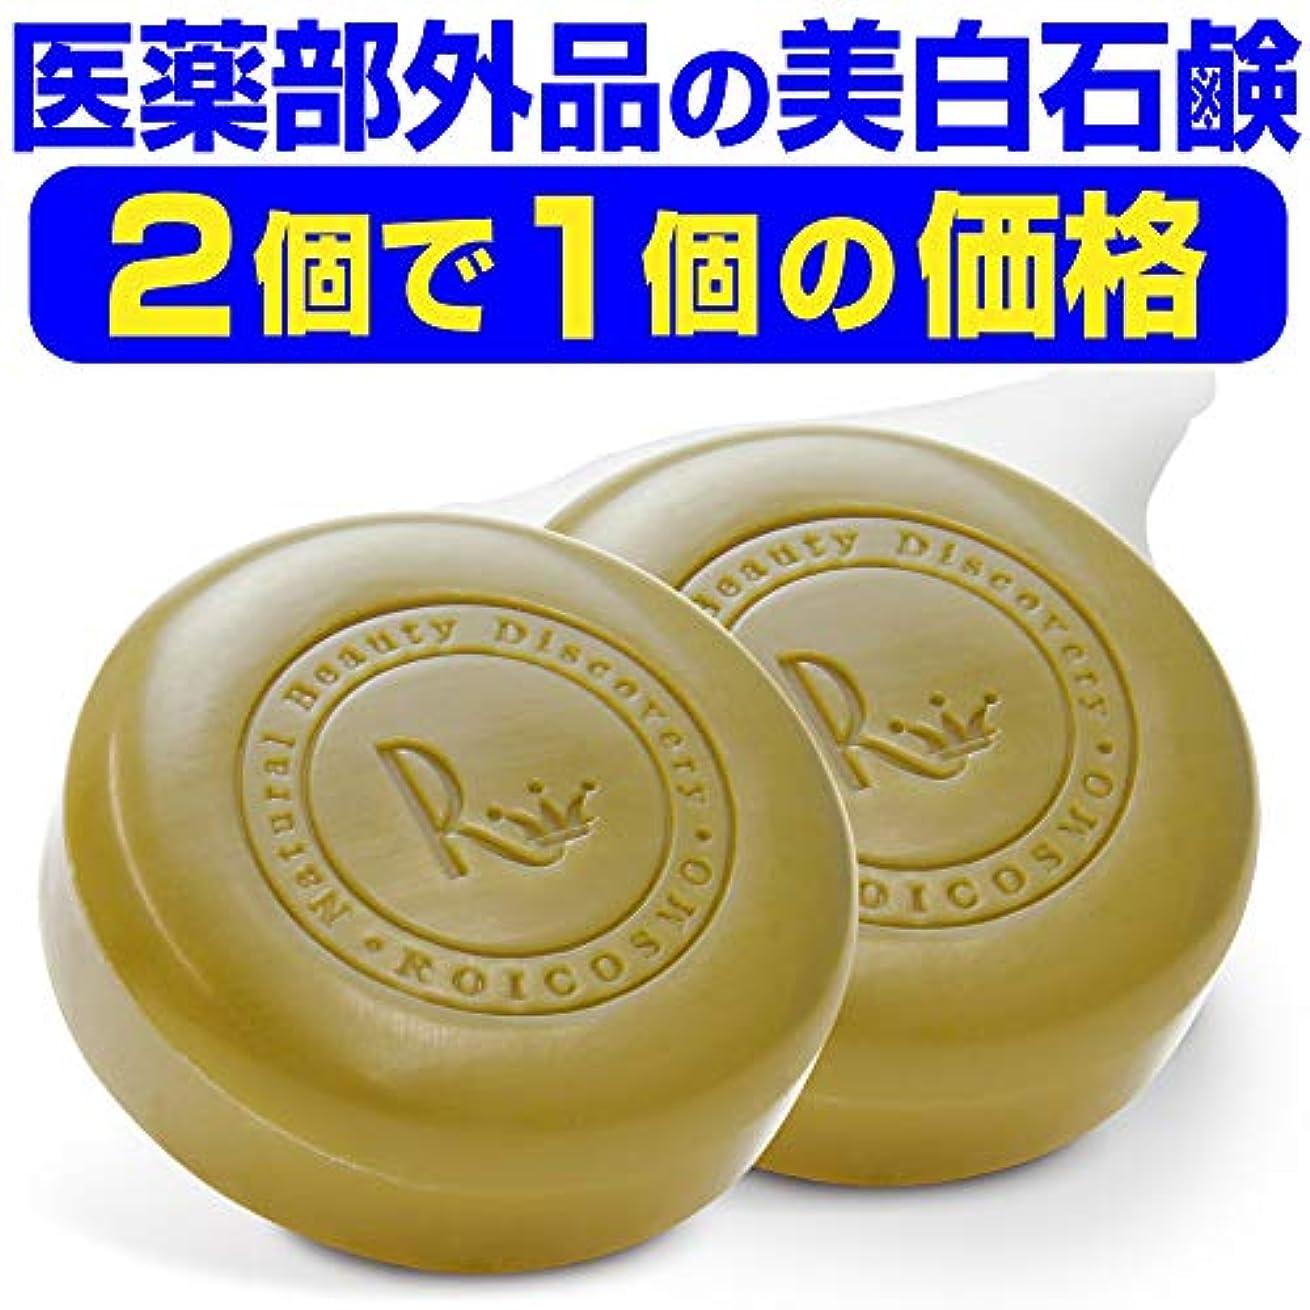 マインド尊敬する哺乳類2個まとめ買い9%OFF 美白石鹸/ビタミンC270倍の美白成分配合の 洗顔石鹸 固形『ホワイトソープ100g×2個』